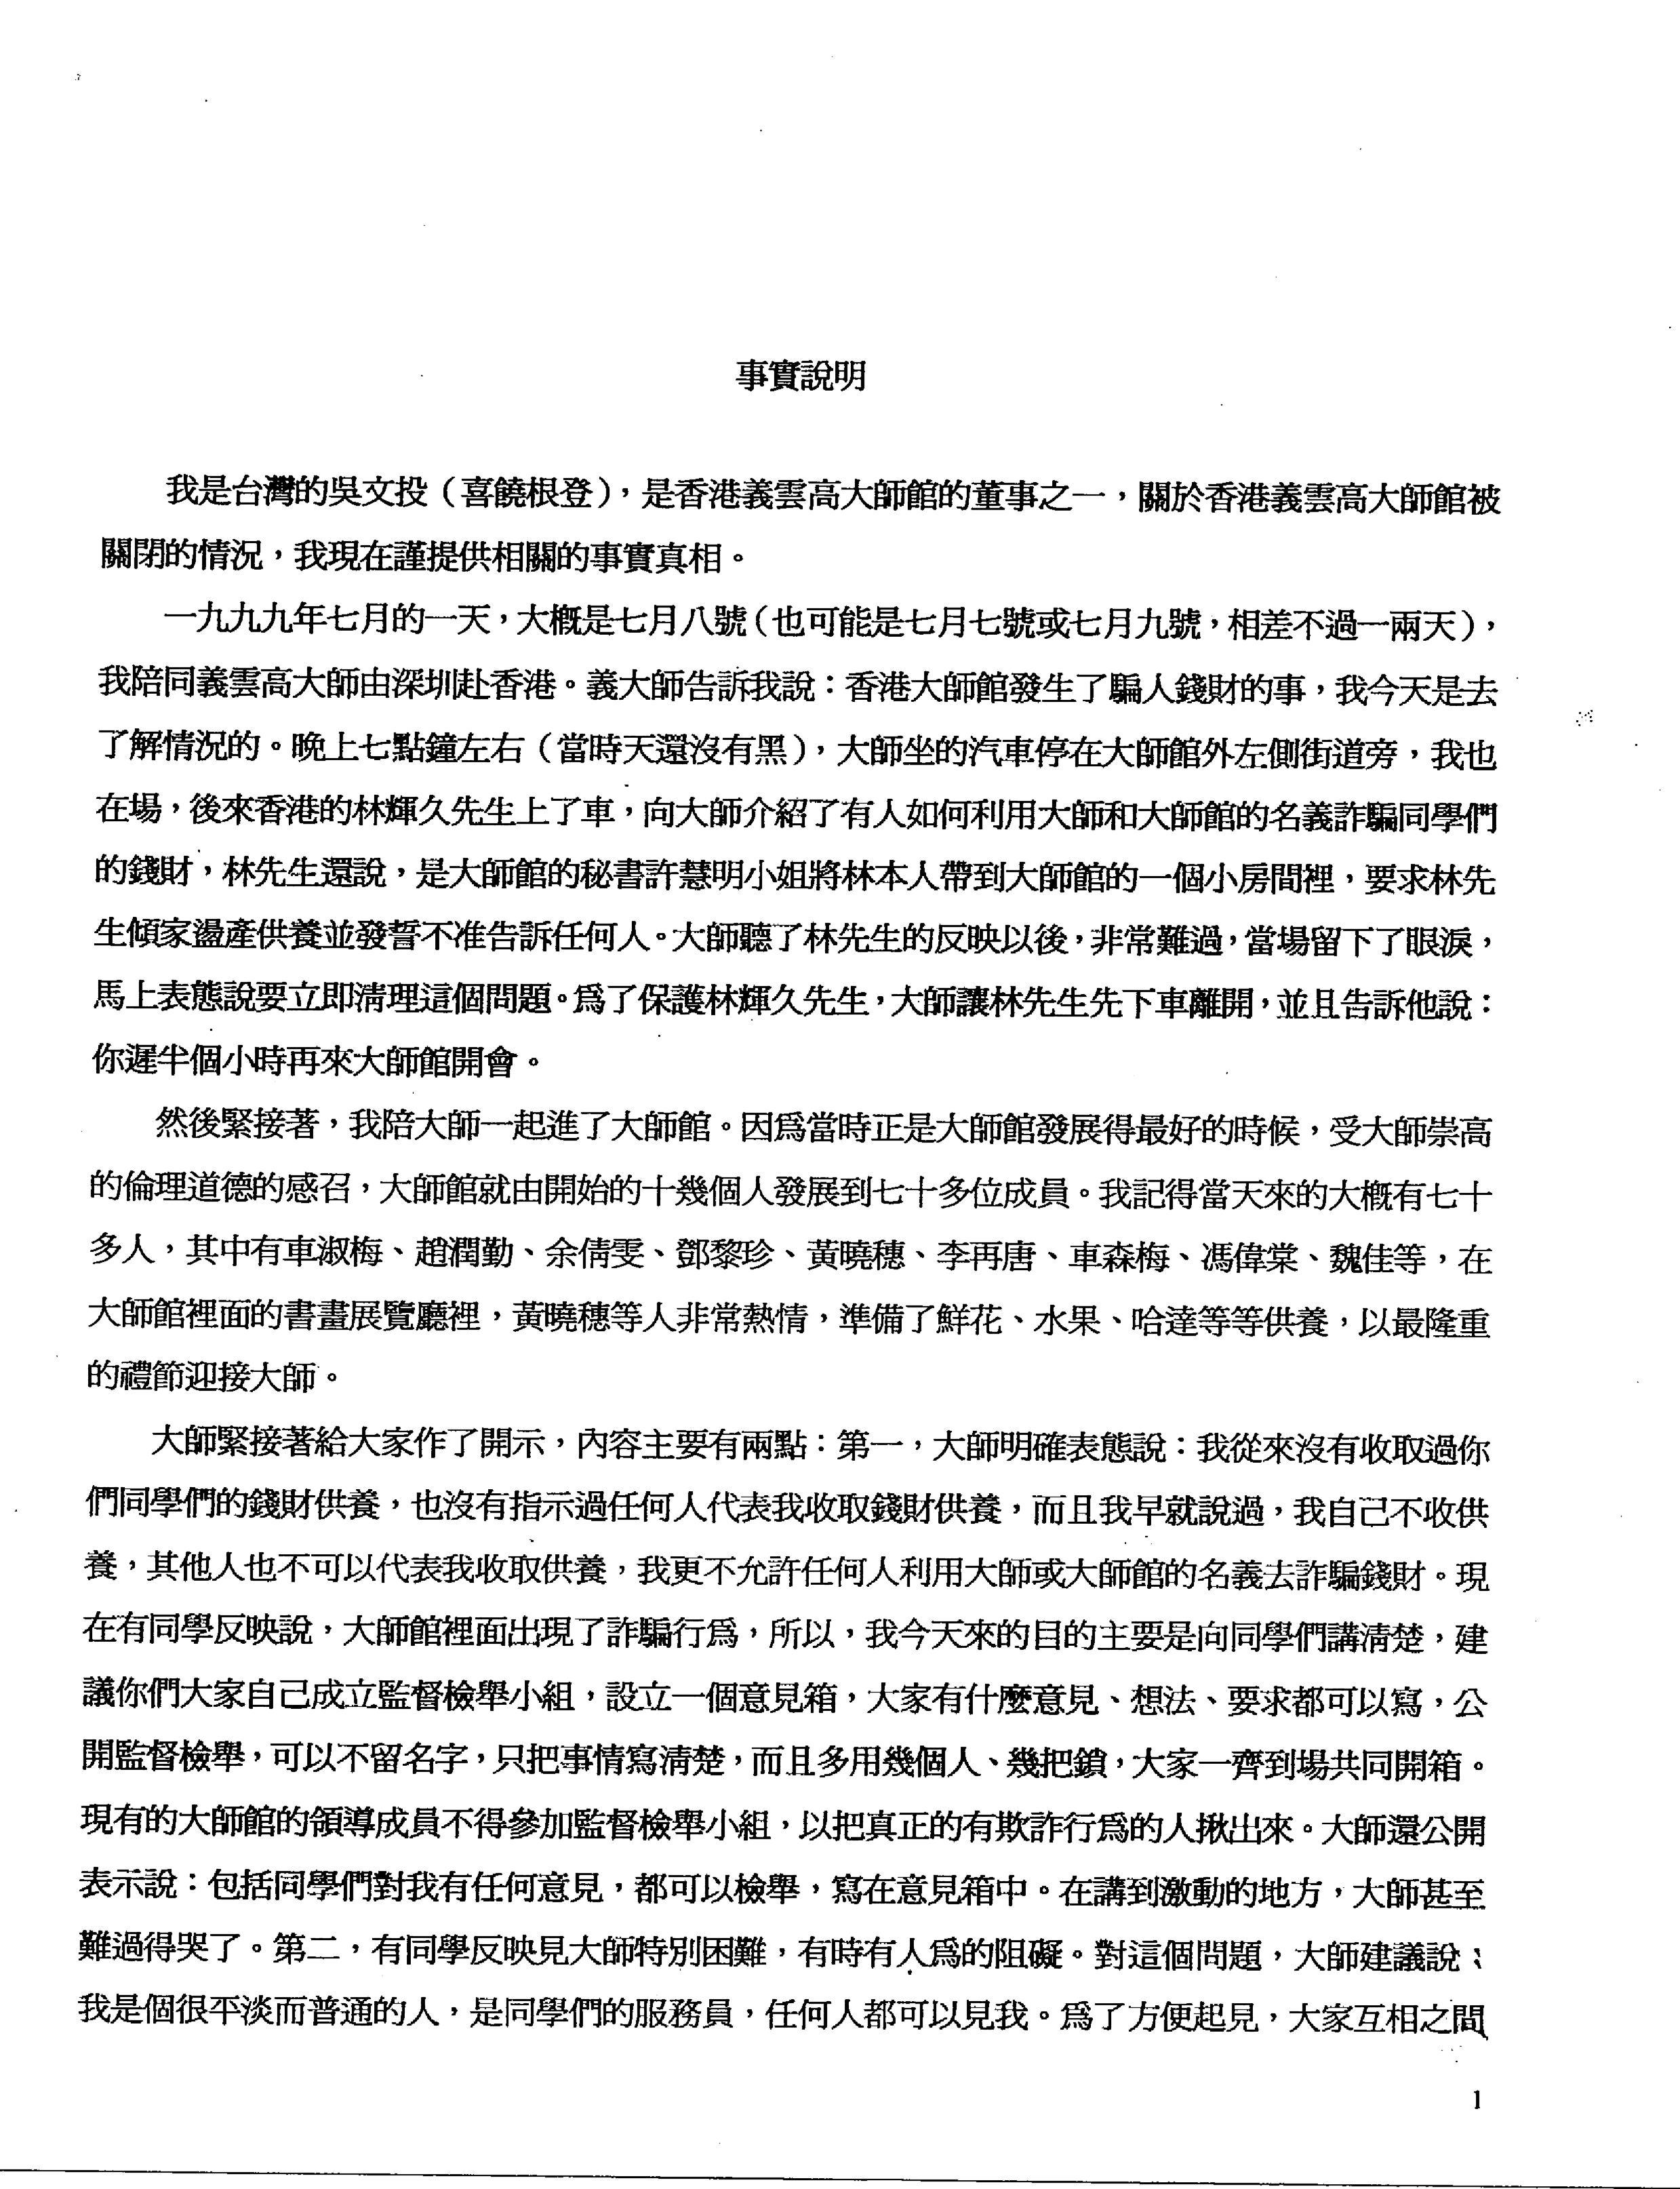 香港法院重判黄晓穗诈骗案 还第三世多杰羌佛清白 第6张